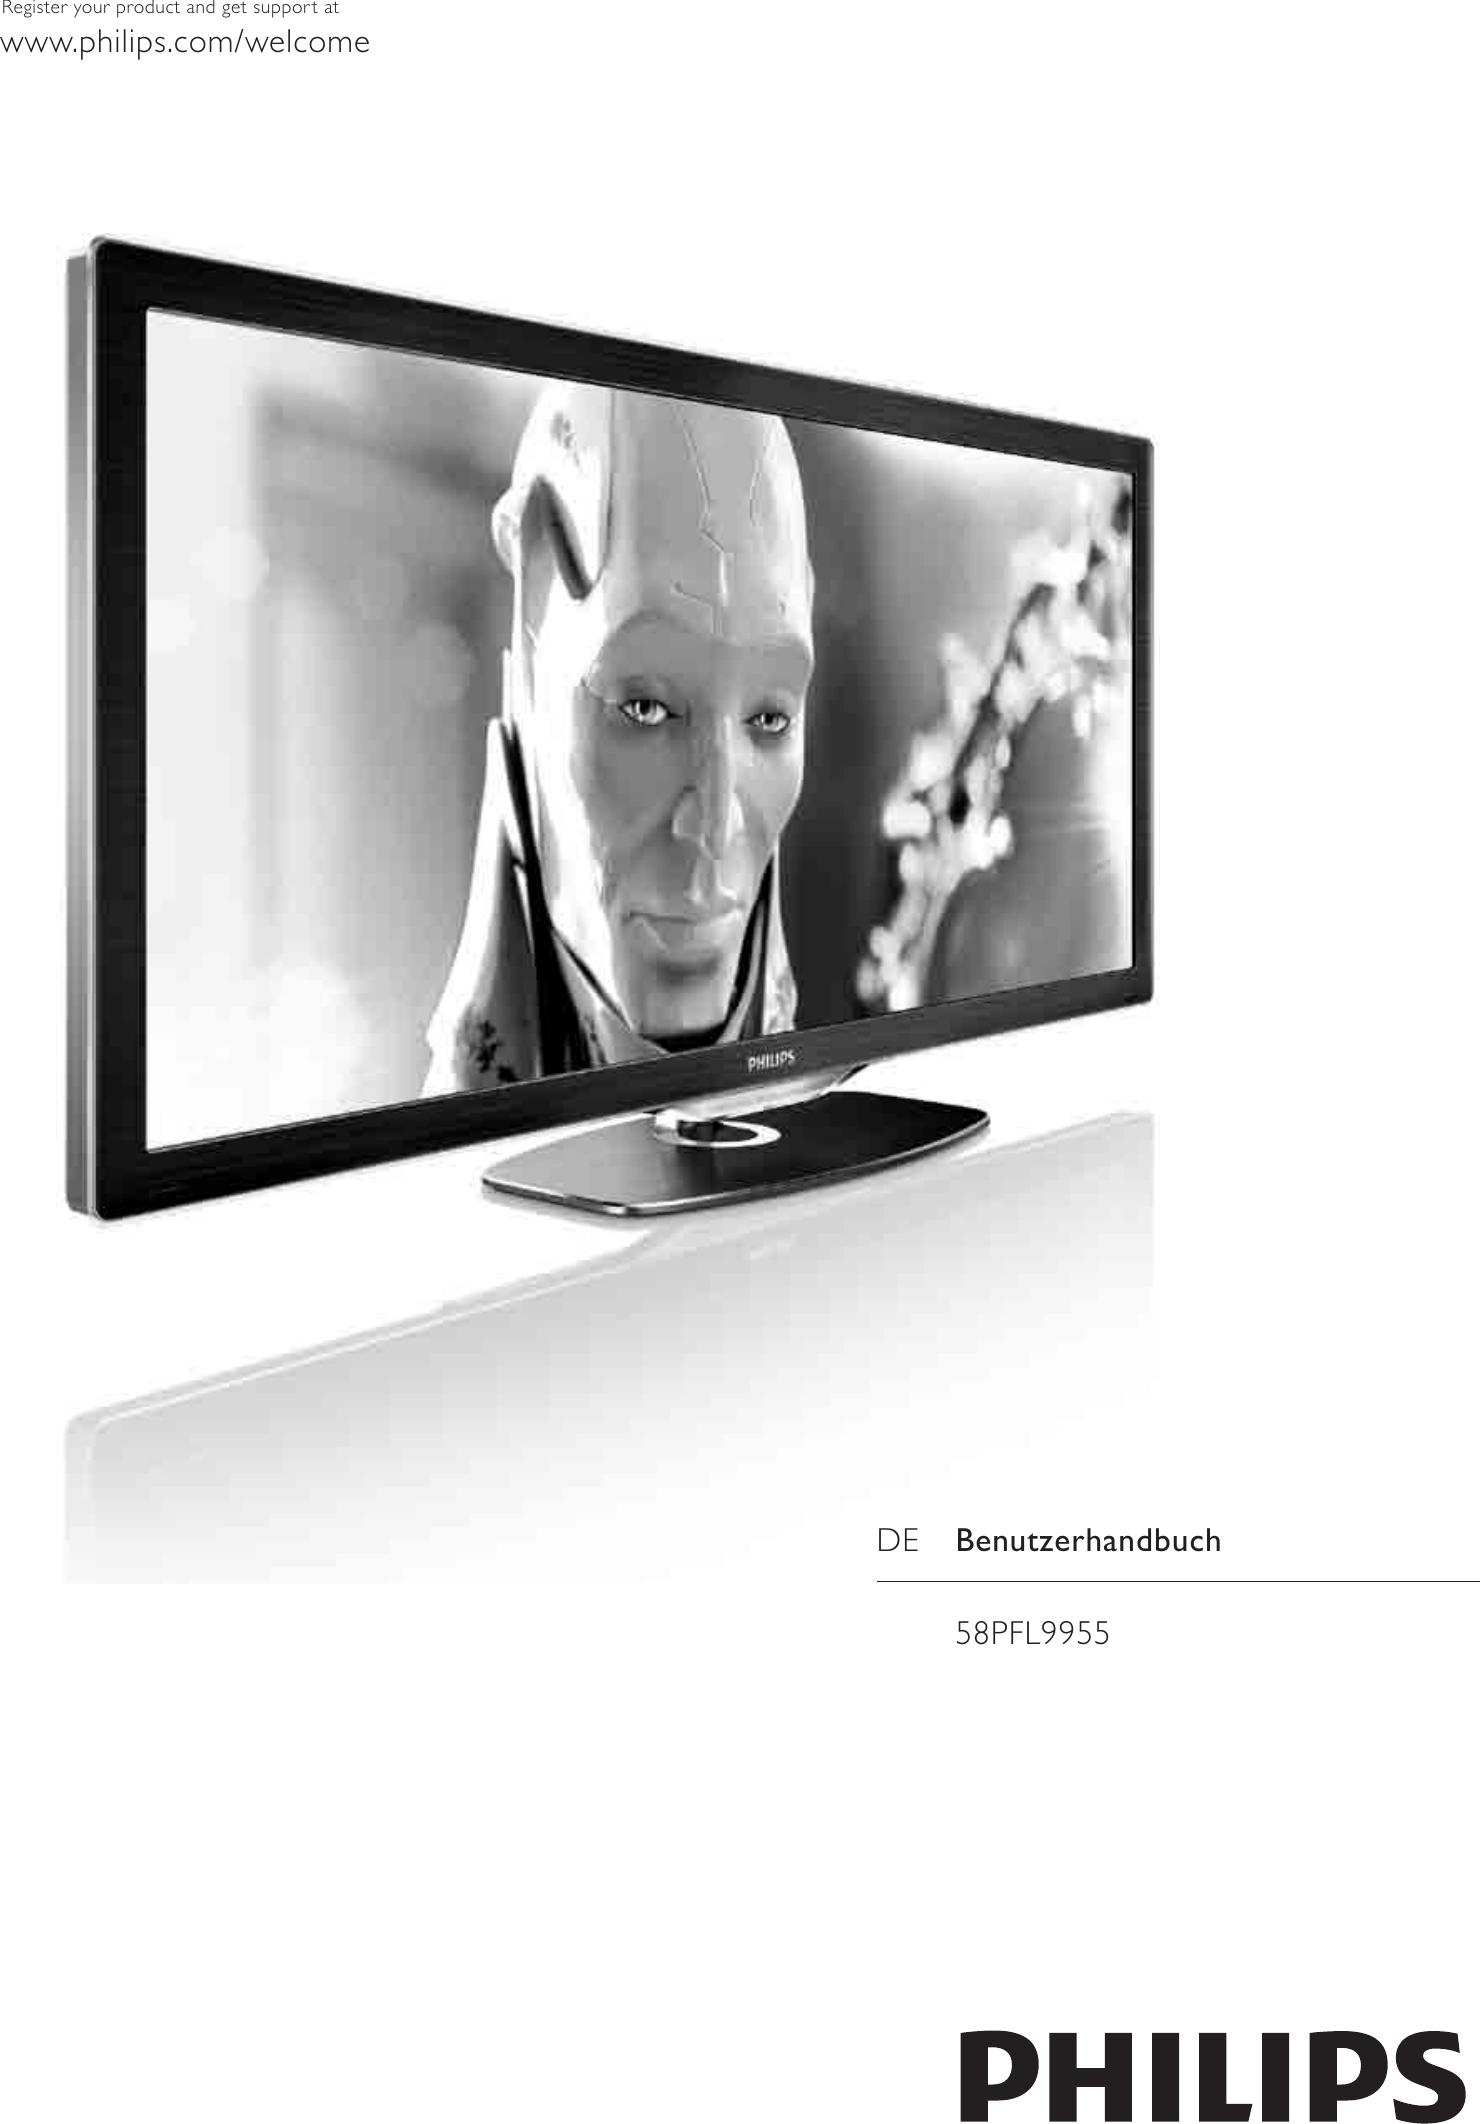 Philips 58PFL9955H/12 310432700363 User Manual 58pfl9955h 12 Dfu Deu